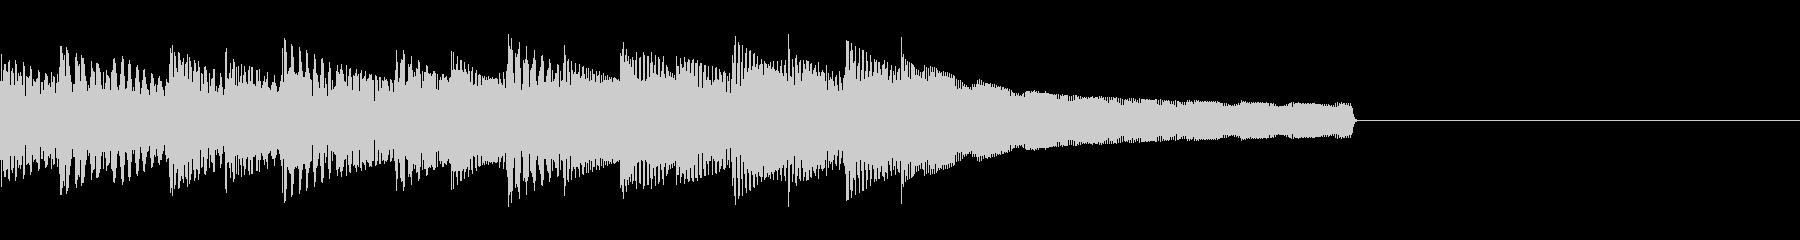 クエスト達成ファンファーレ 8bitの未再生の波形